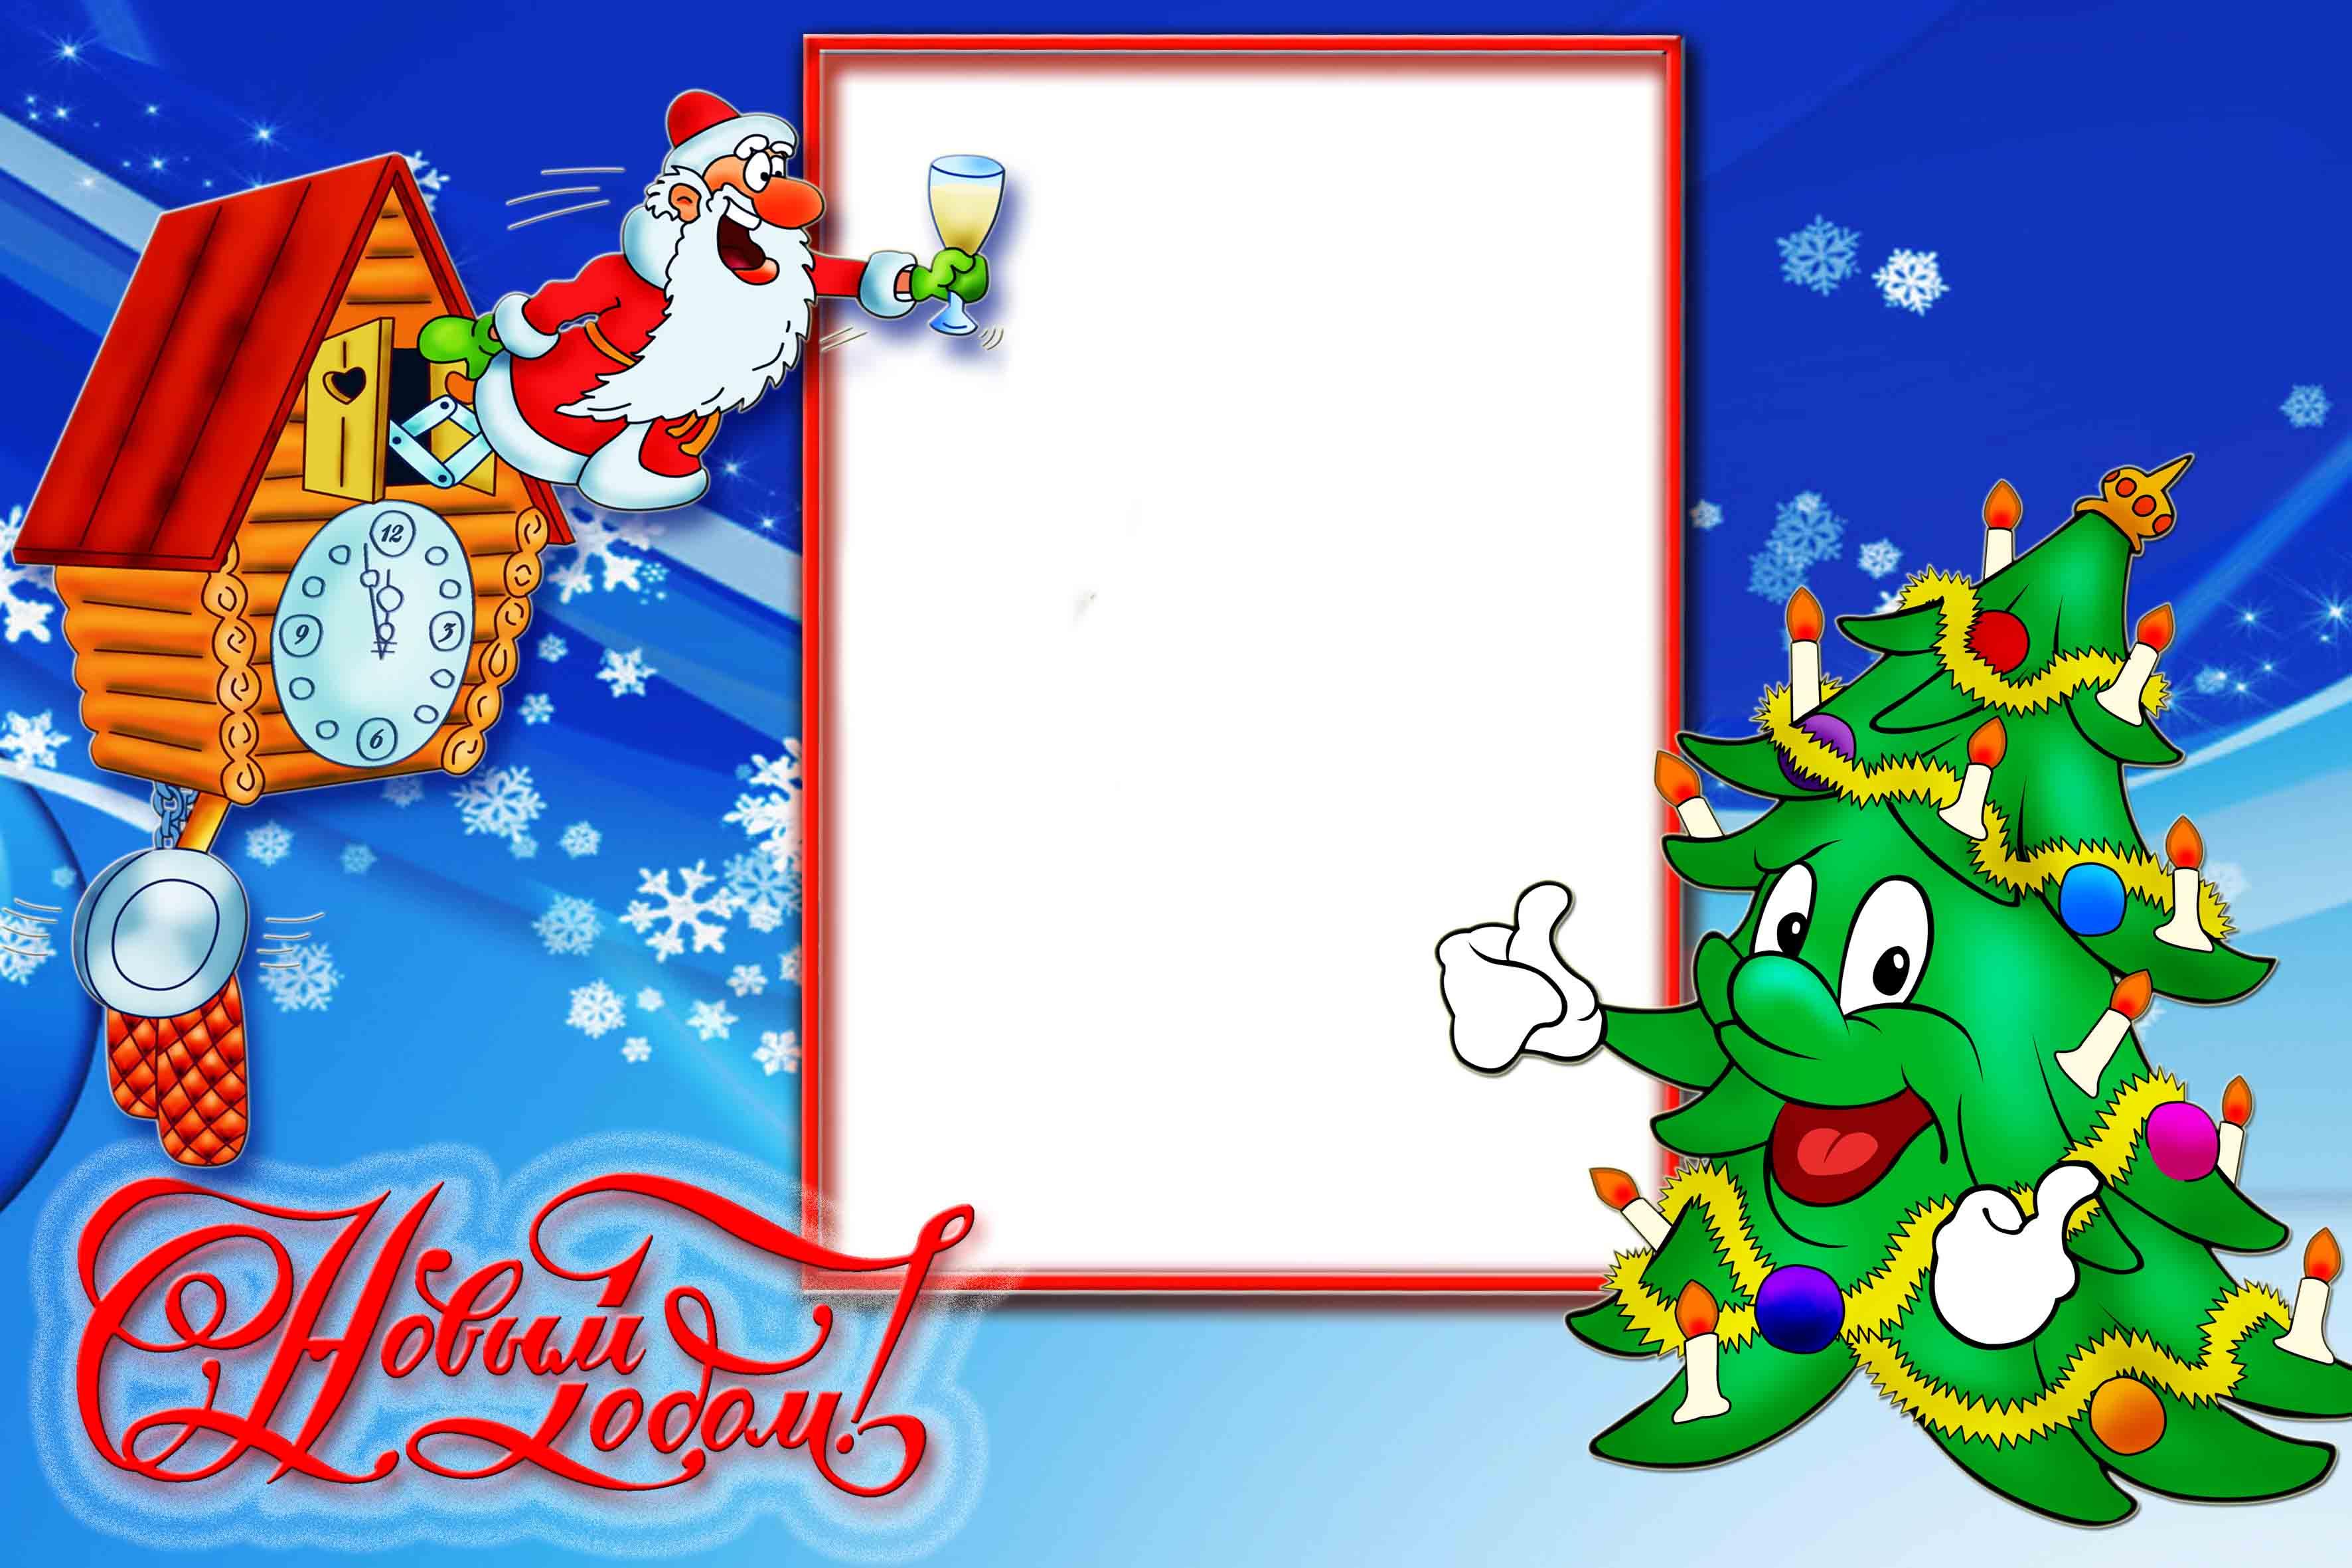 Новогодние рамки. Яркая новогодняя рамка для детских фотографий. Новогодняя рамка большого размера позволяет делать высококачественные новогодние коллажи. Если Вы хотите сделать сюрприз своим близким, то новогодняя рамка – отличный старт в подготовке новогоднего сюрприза.